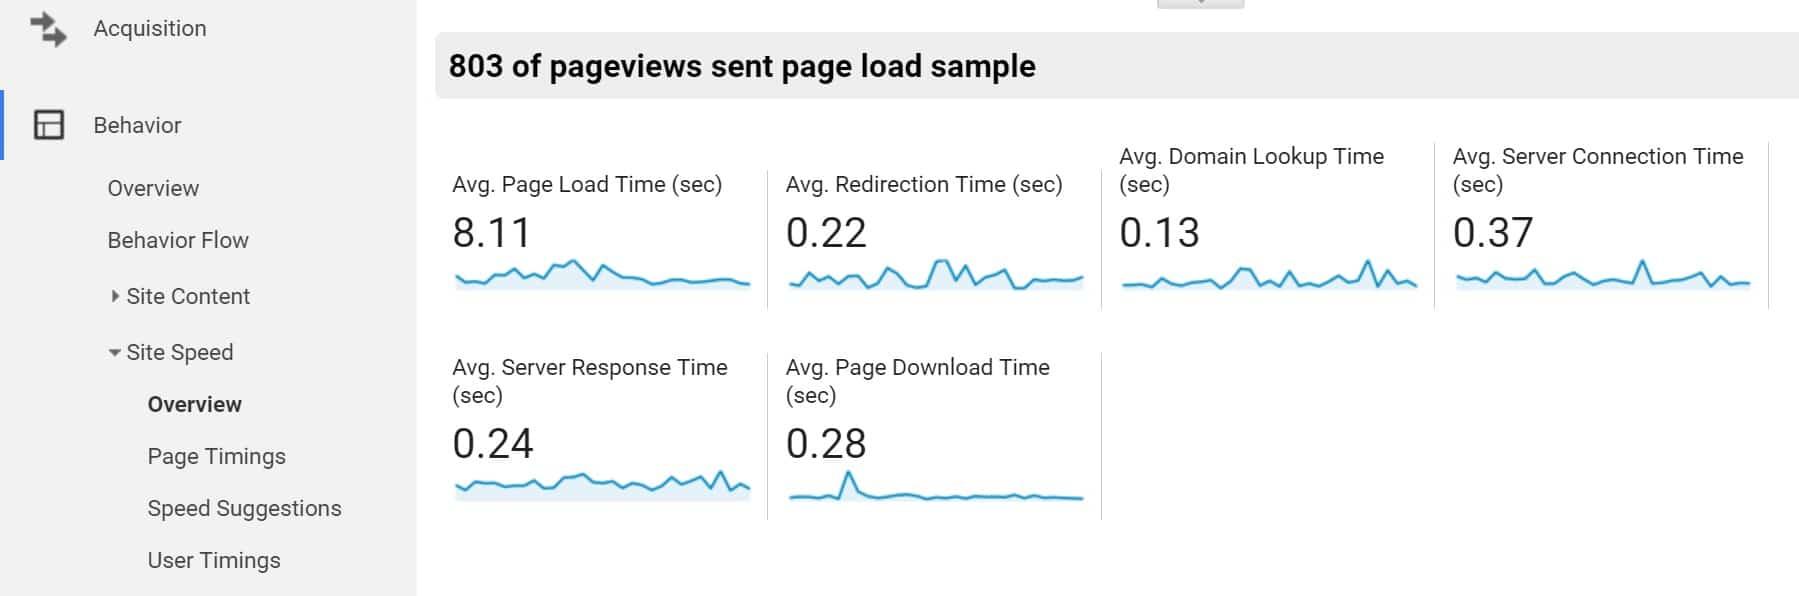 Rapport Google Analytics pour le TTFB